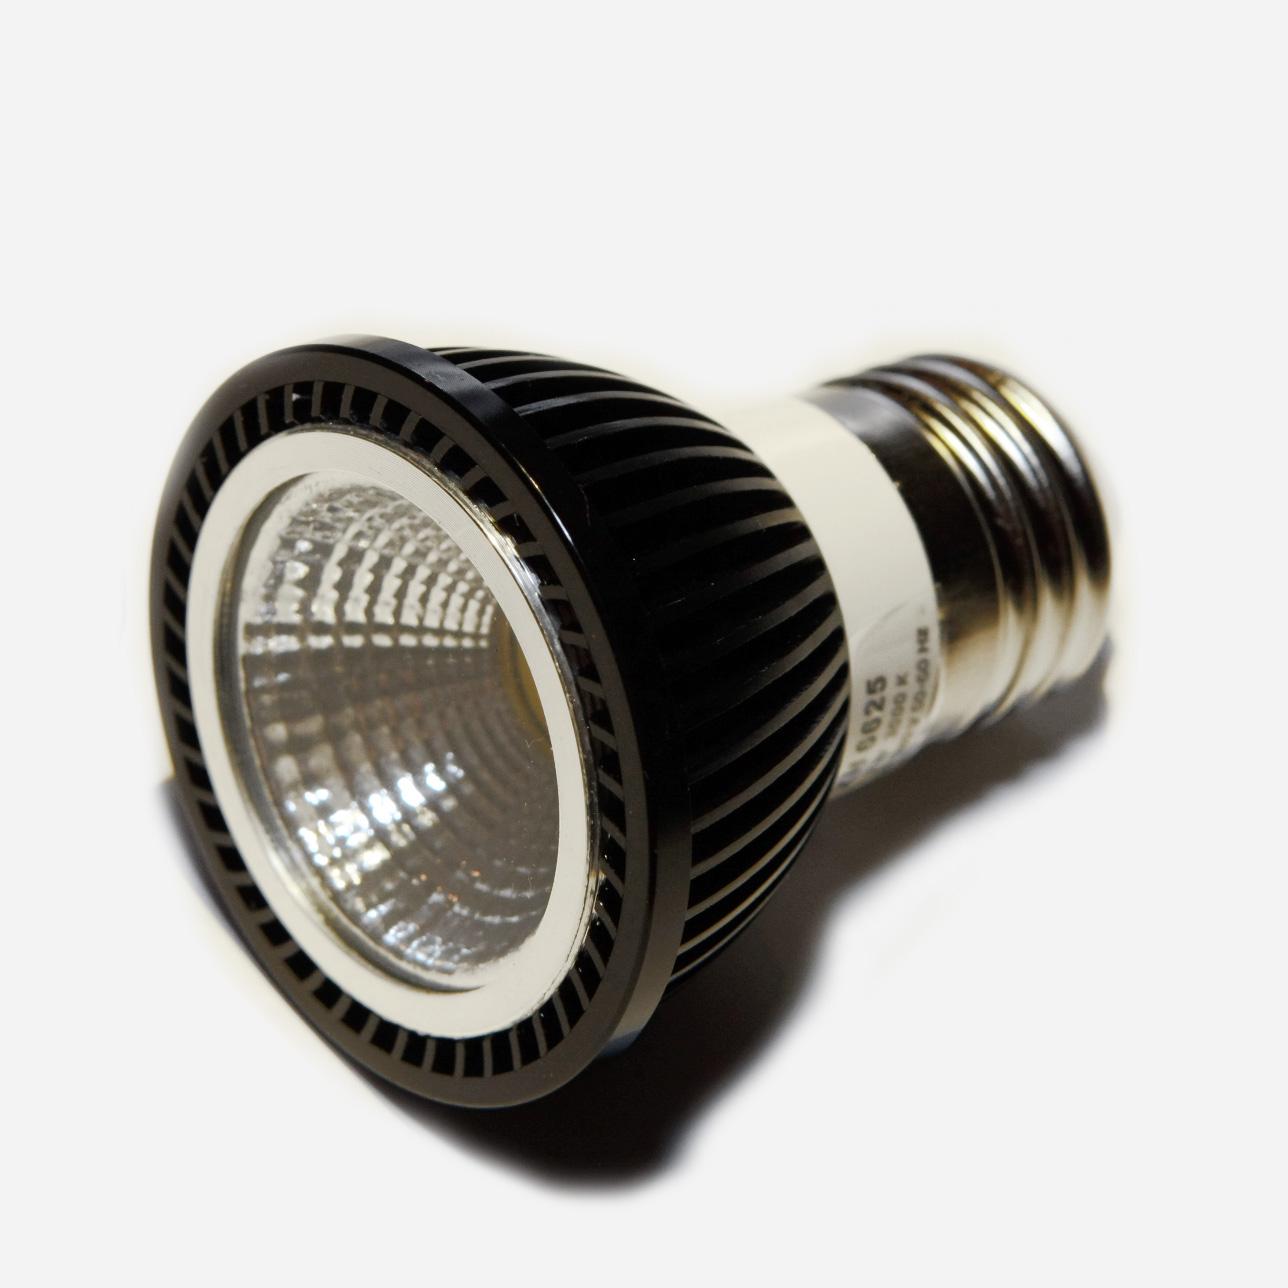 Żarówka LED XH6625 ELMIC 3W E27